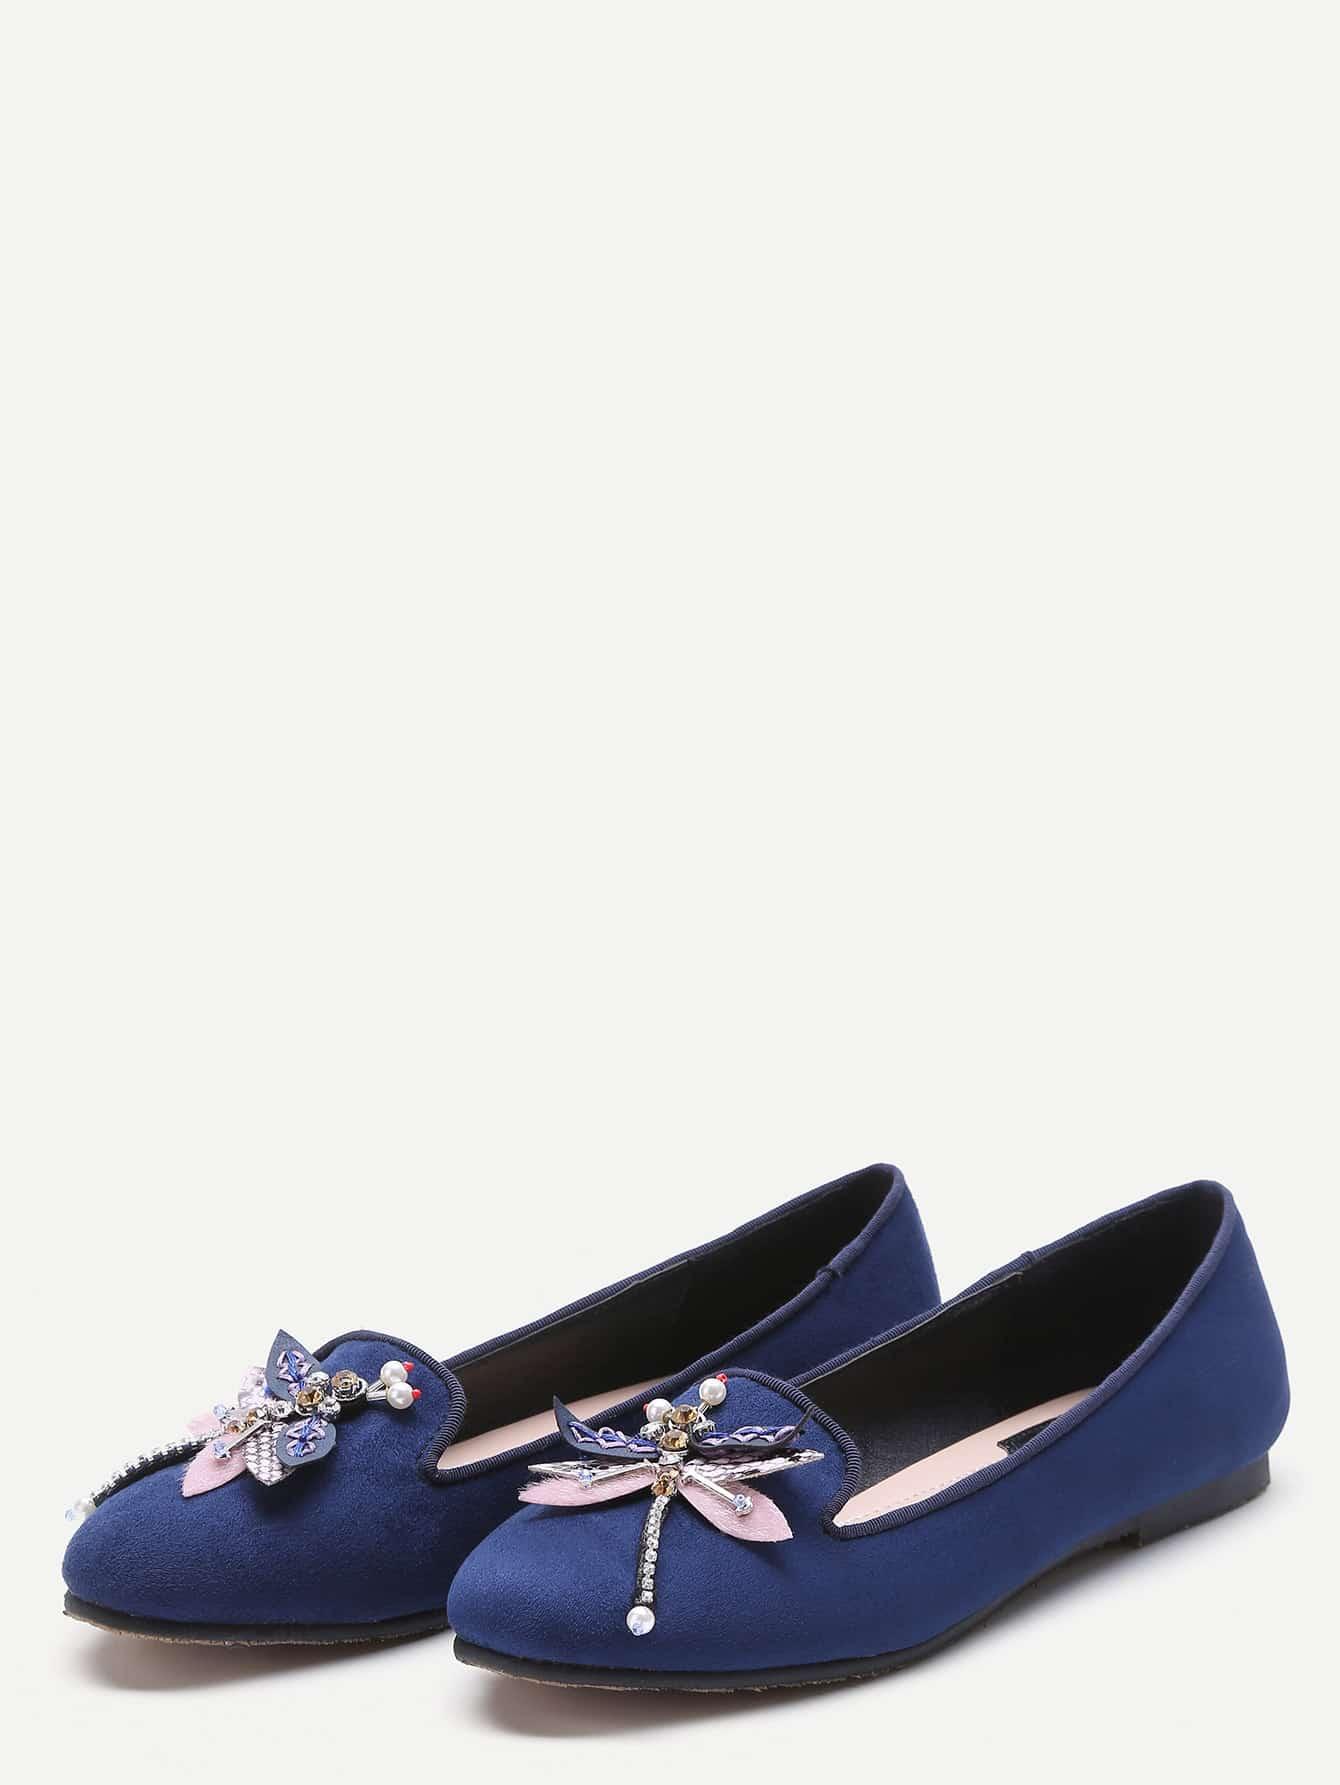 shoes161226804_2